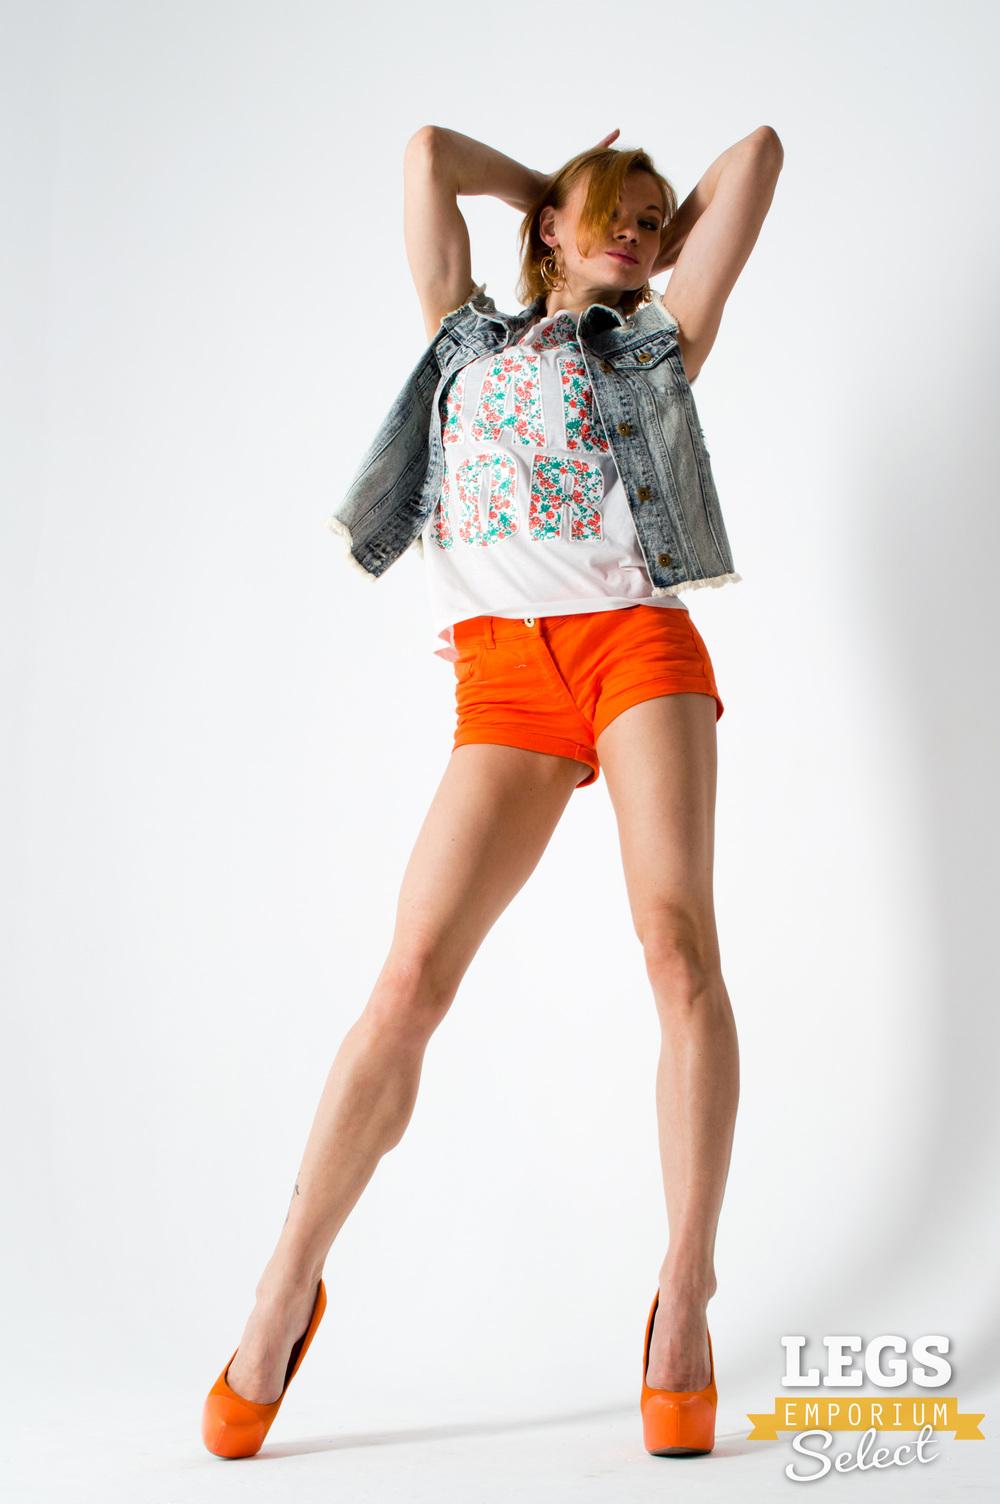 Legs_Emporium_Kaylee_267.jpg